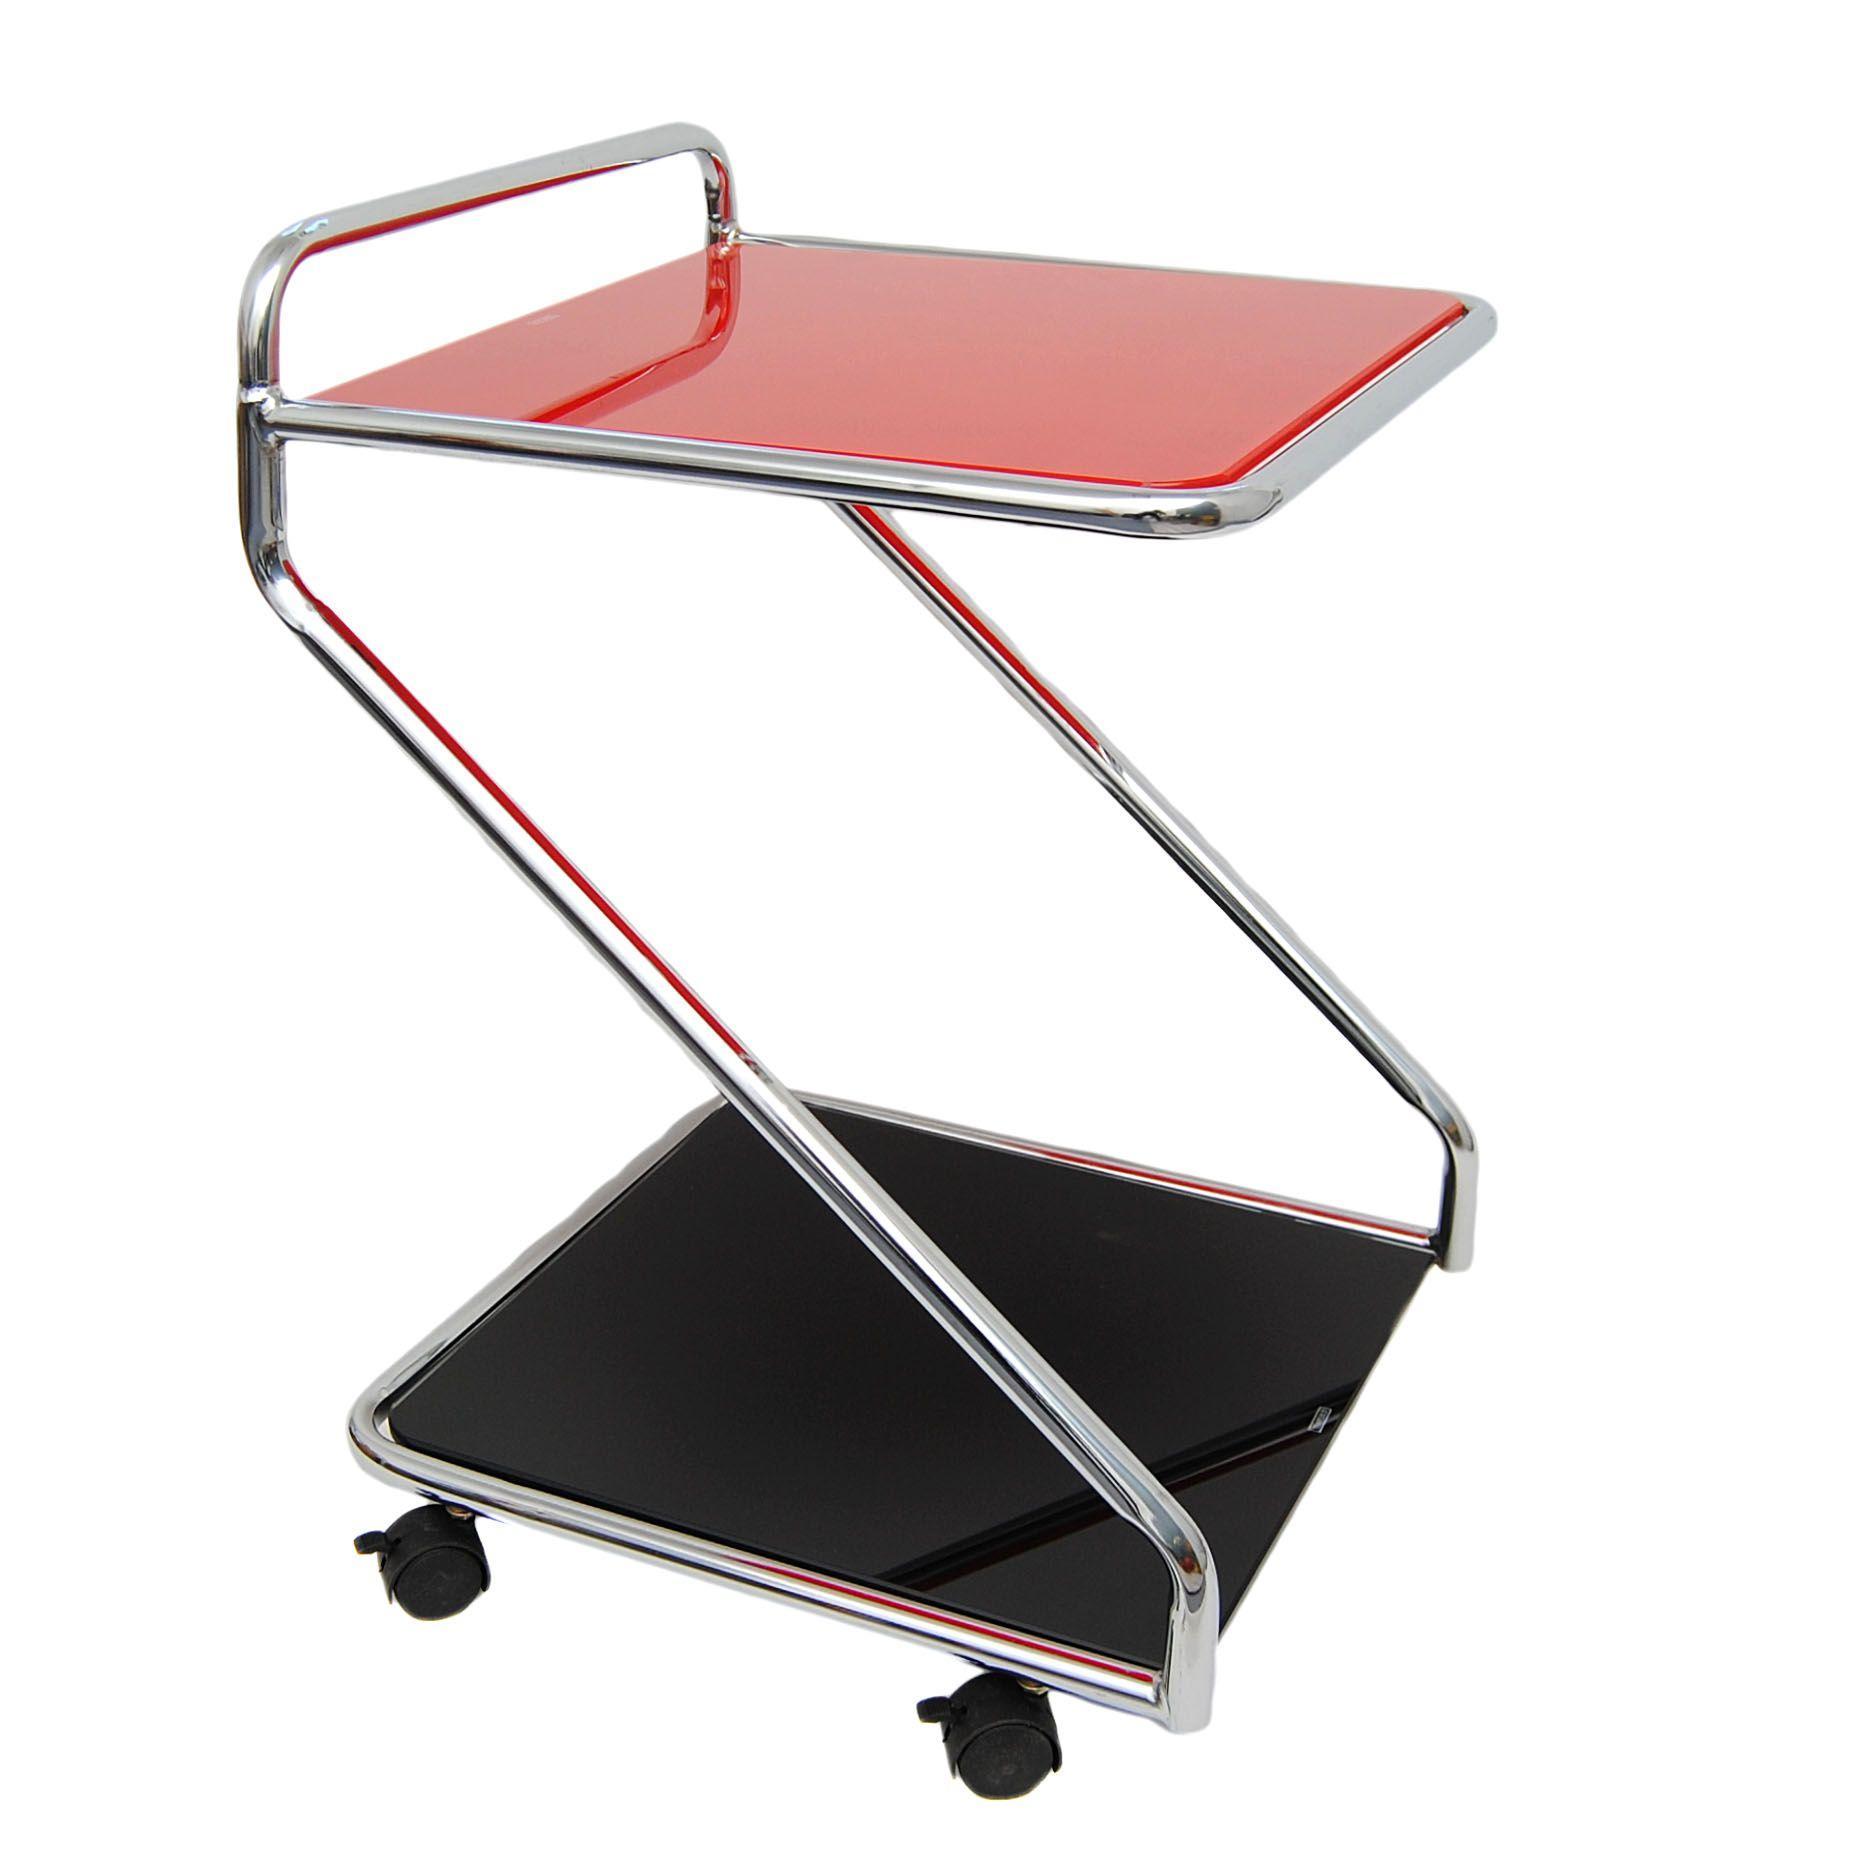 Servierwagen Glas eck beistell glastisch servierwagen rollwagen rot schwarz mit